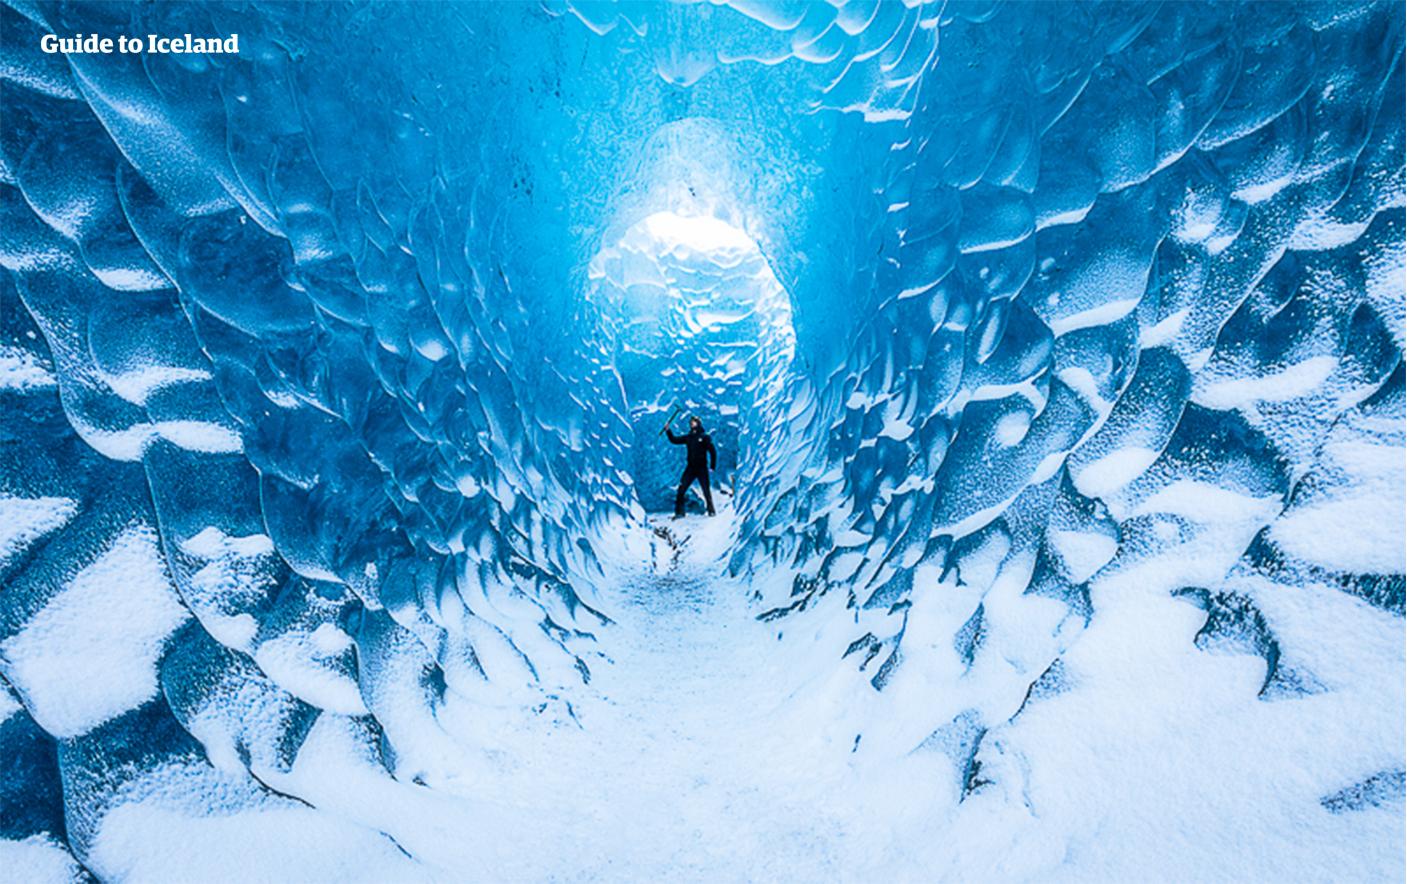 无论冬夏,黄金瀑布都是冰岛旅行的必游景点